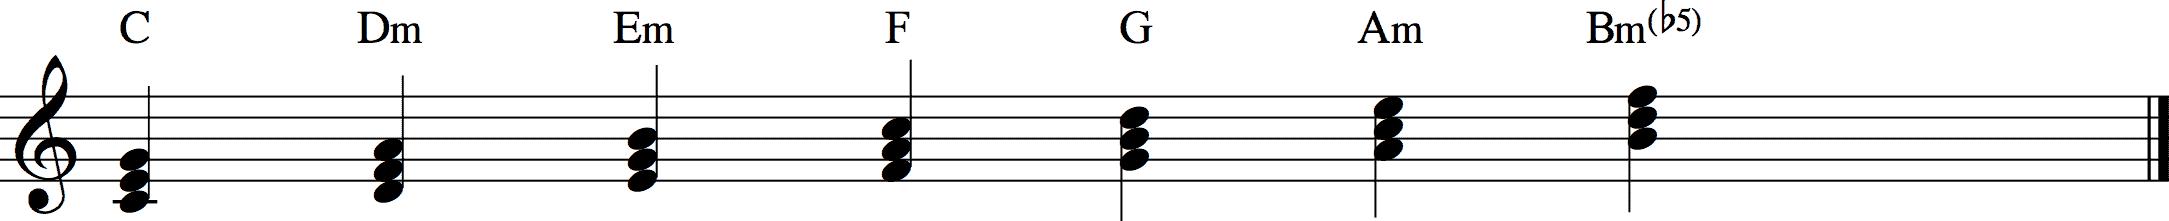 7 verschiedene Akkorde in einer Tonleiter